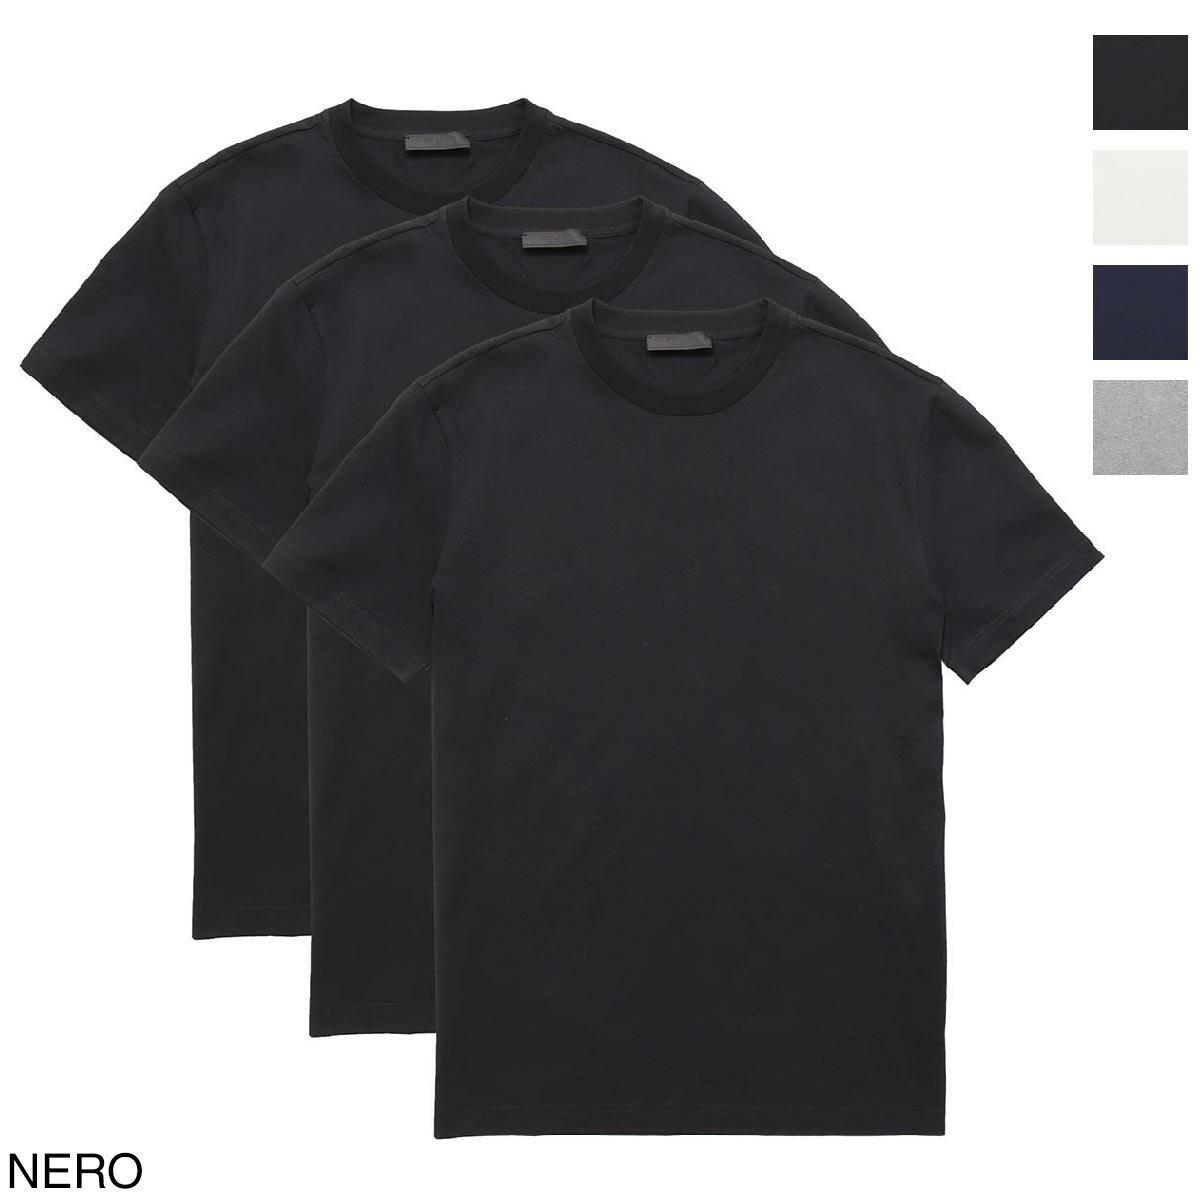 トップス, Tシャツ・カットソー  PRADA T 3 ujm492 ilk f0002 2021SS